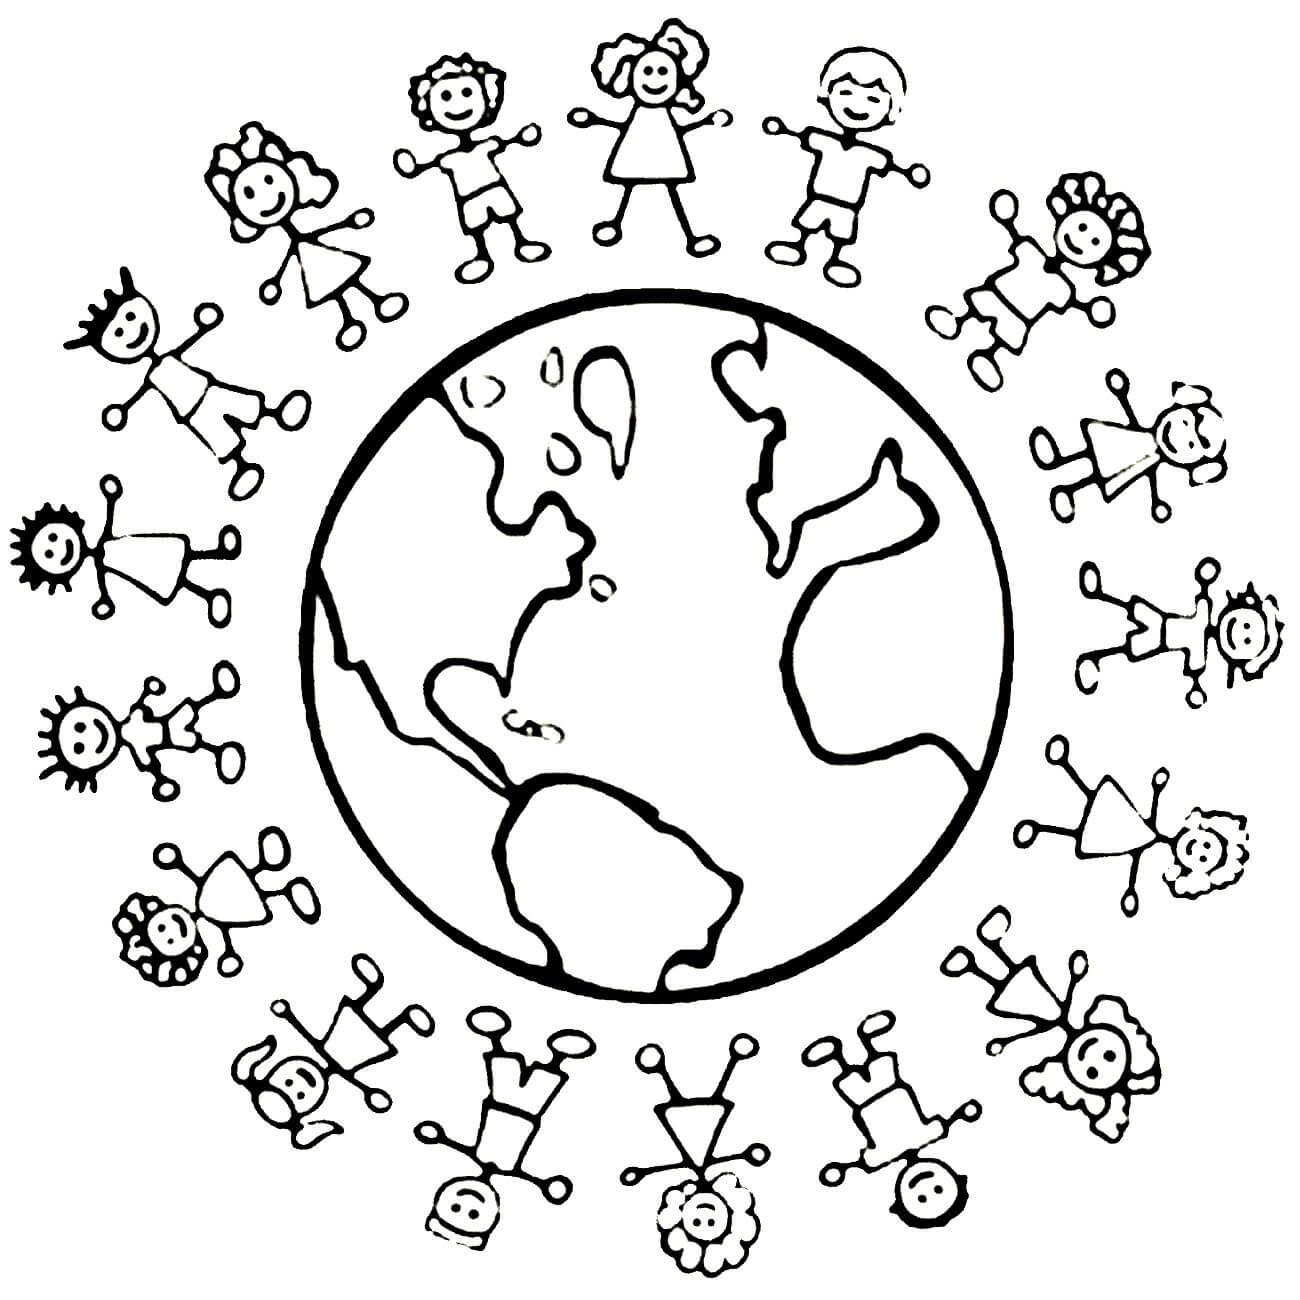 первом раскраска на тему мы за мир на планете счет